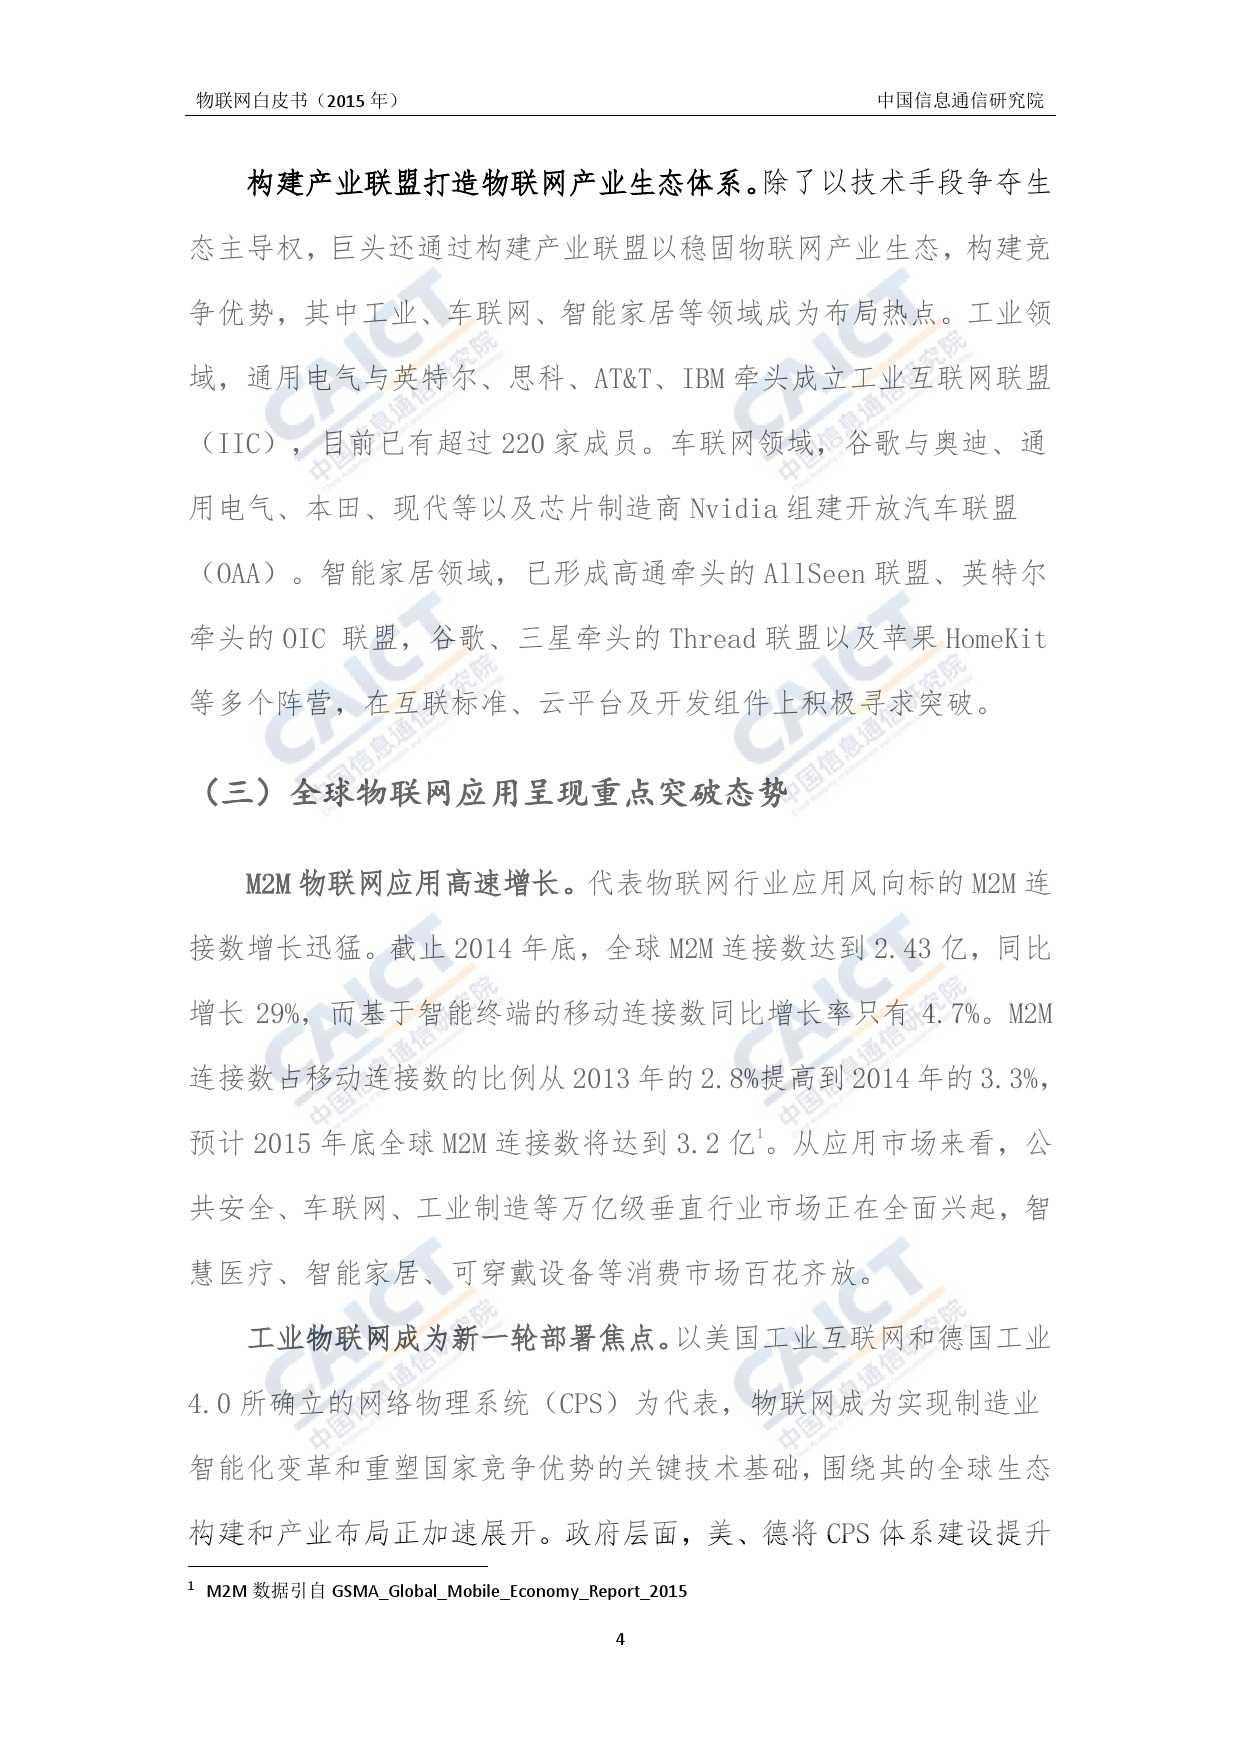 中国信息通信研究院:2015年物联网白皮书_000008